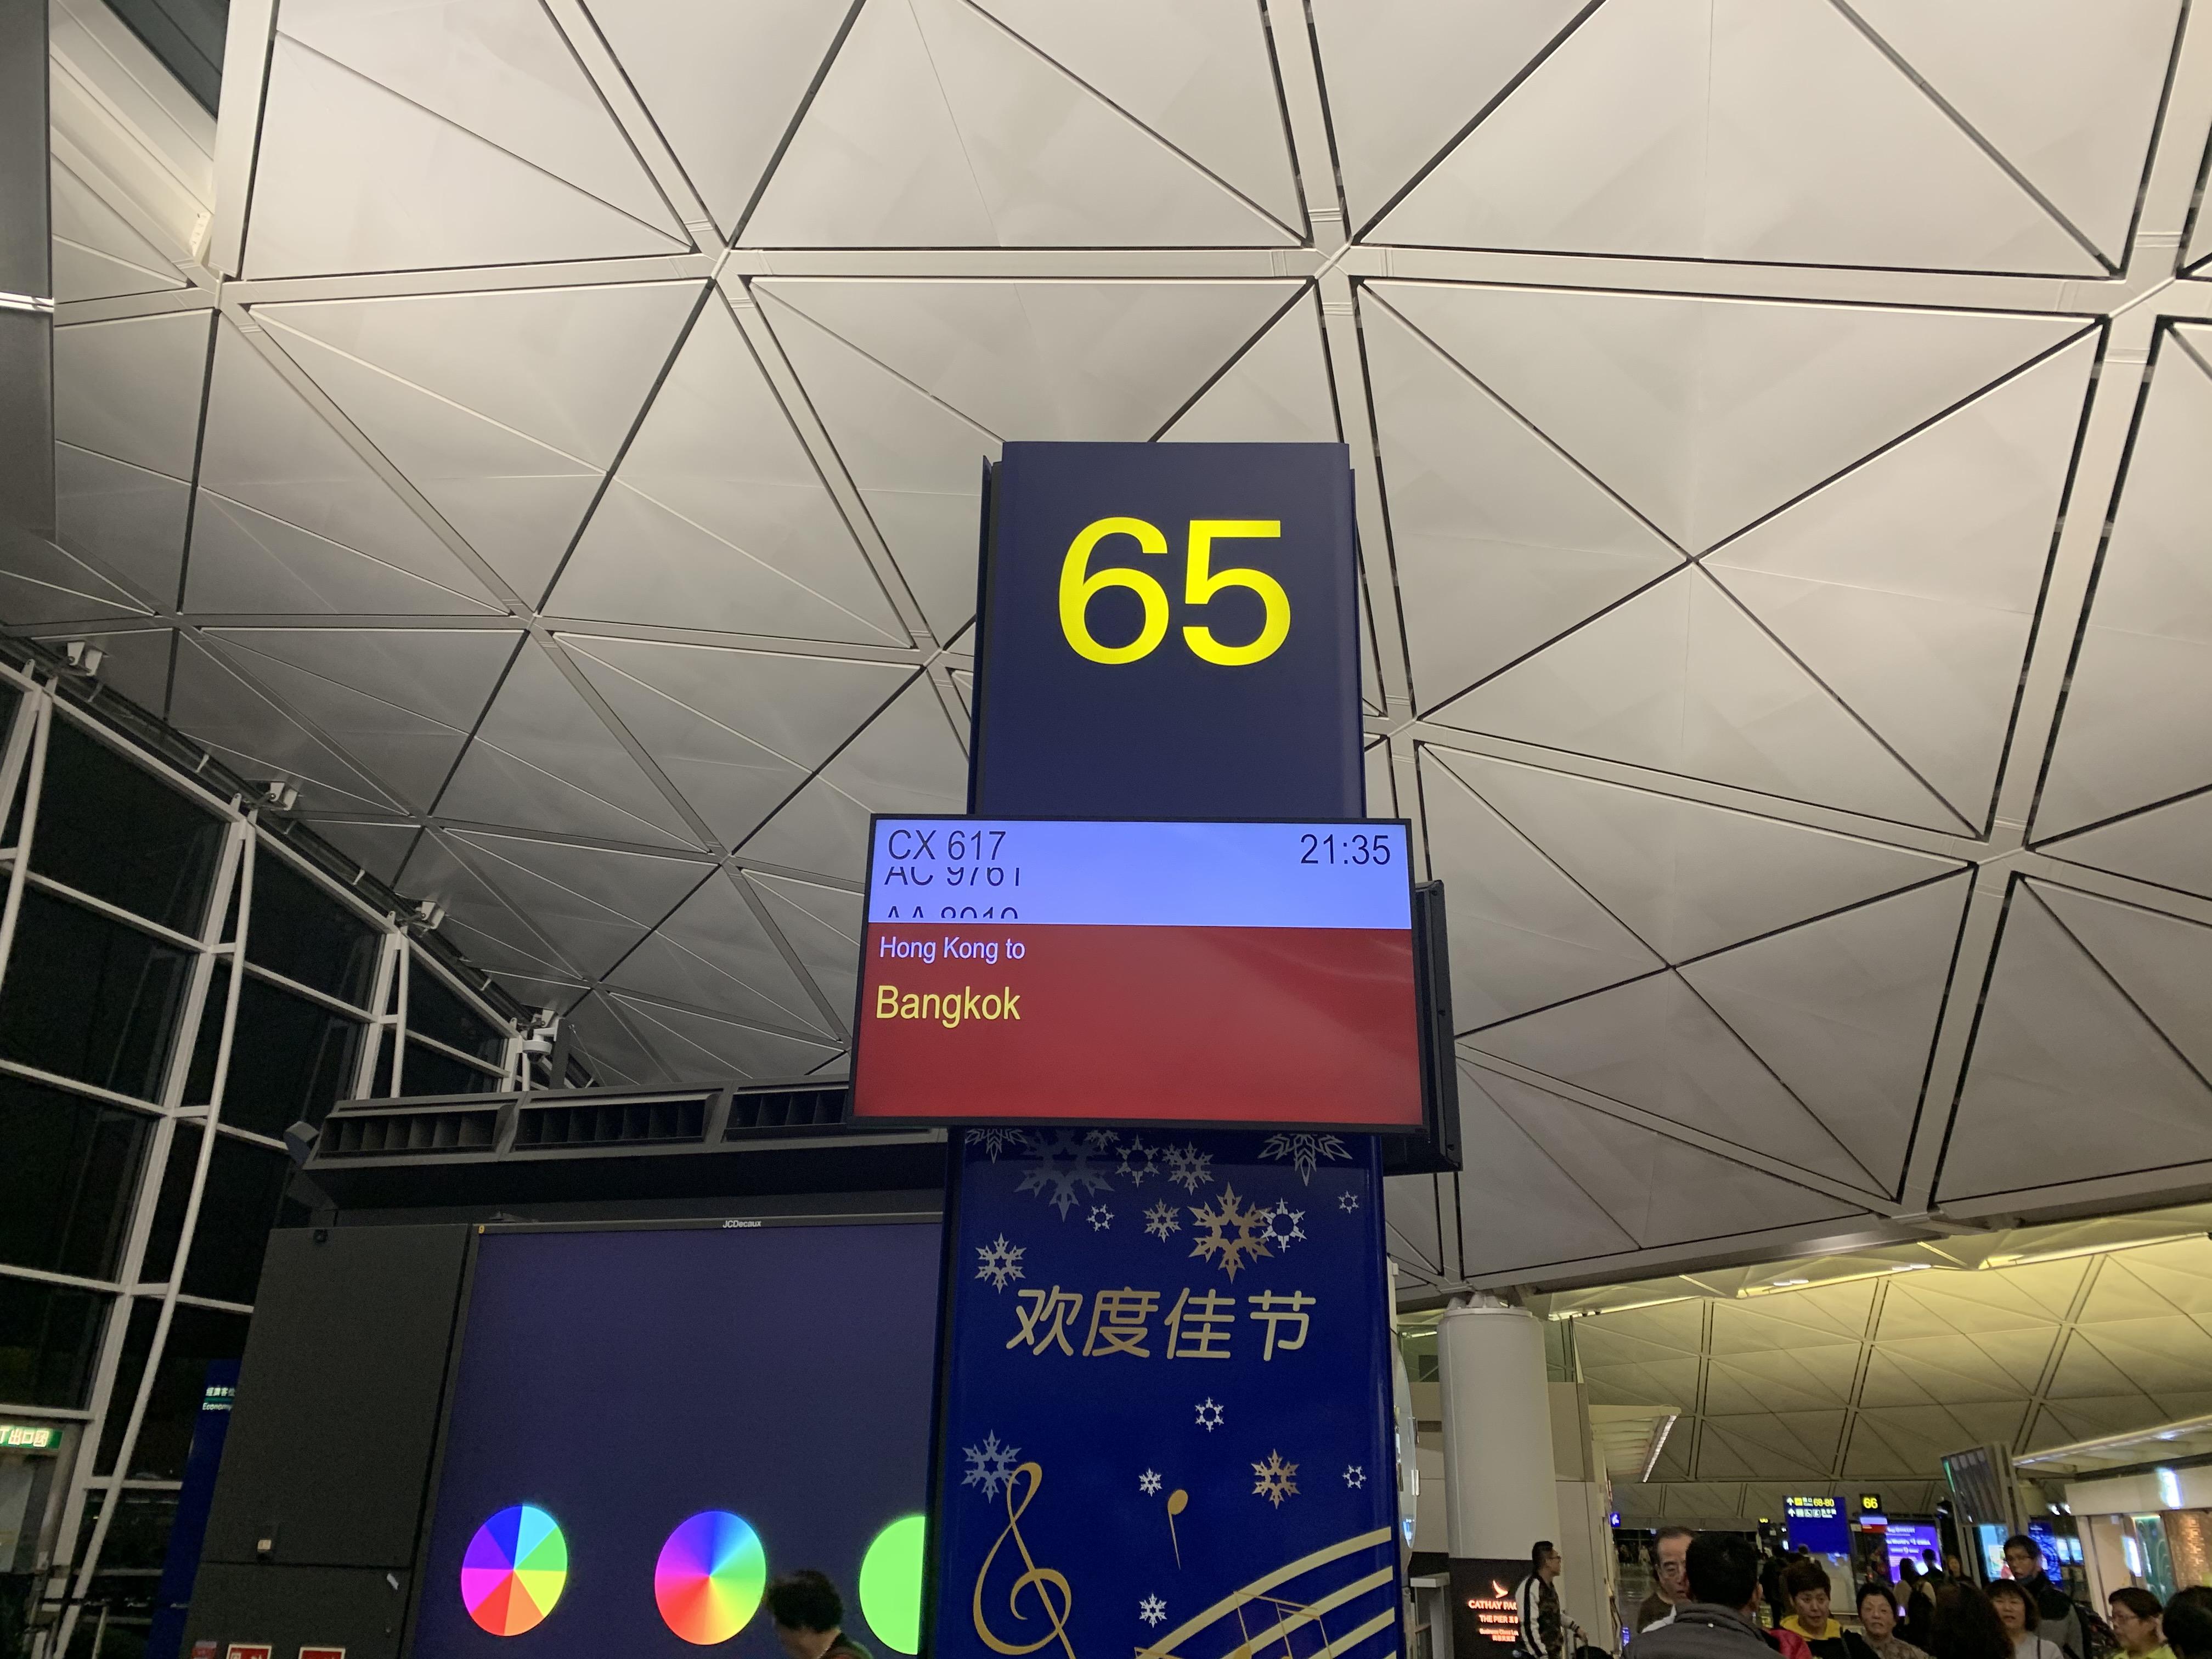 CX617 香港-バンコク B777ビジネスクラス搭乗記